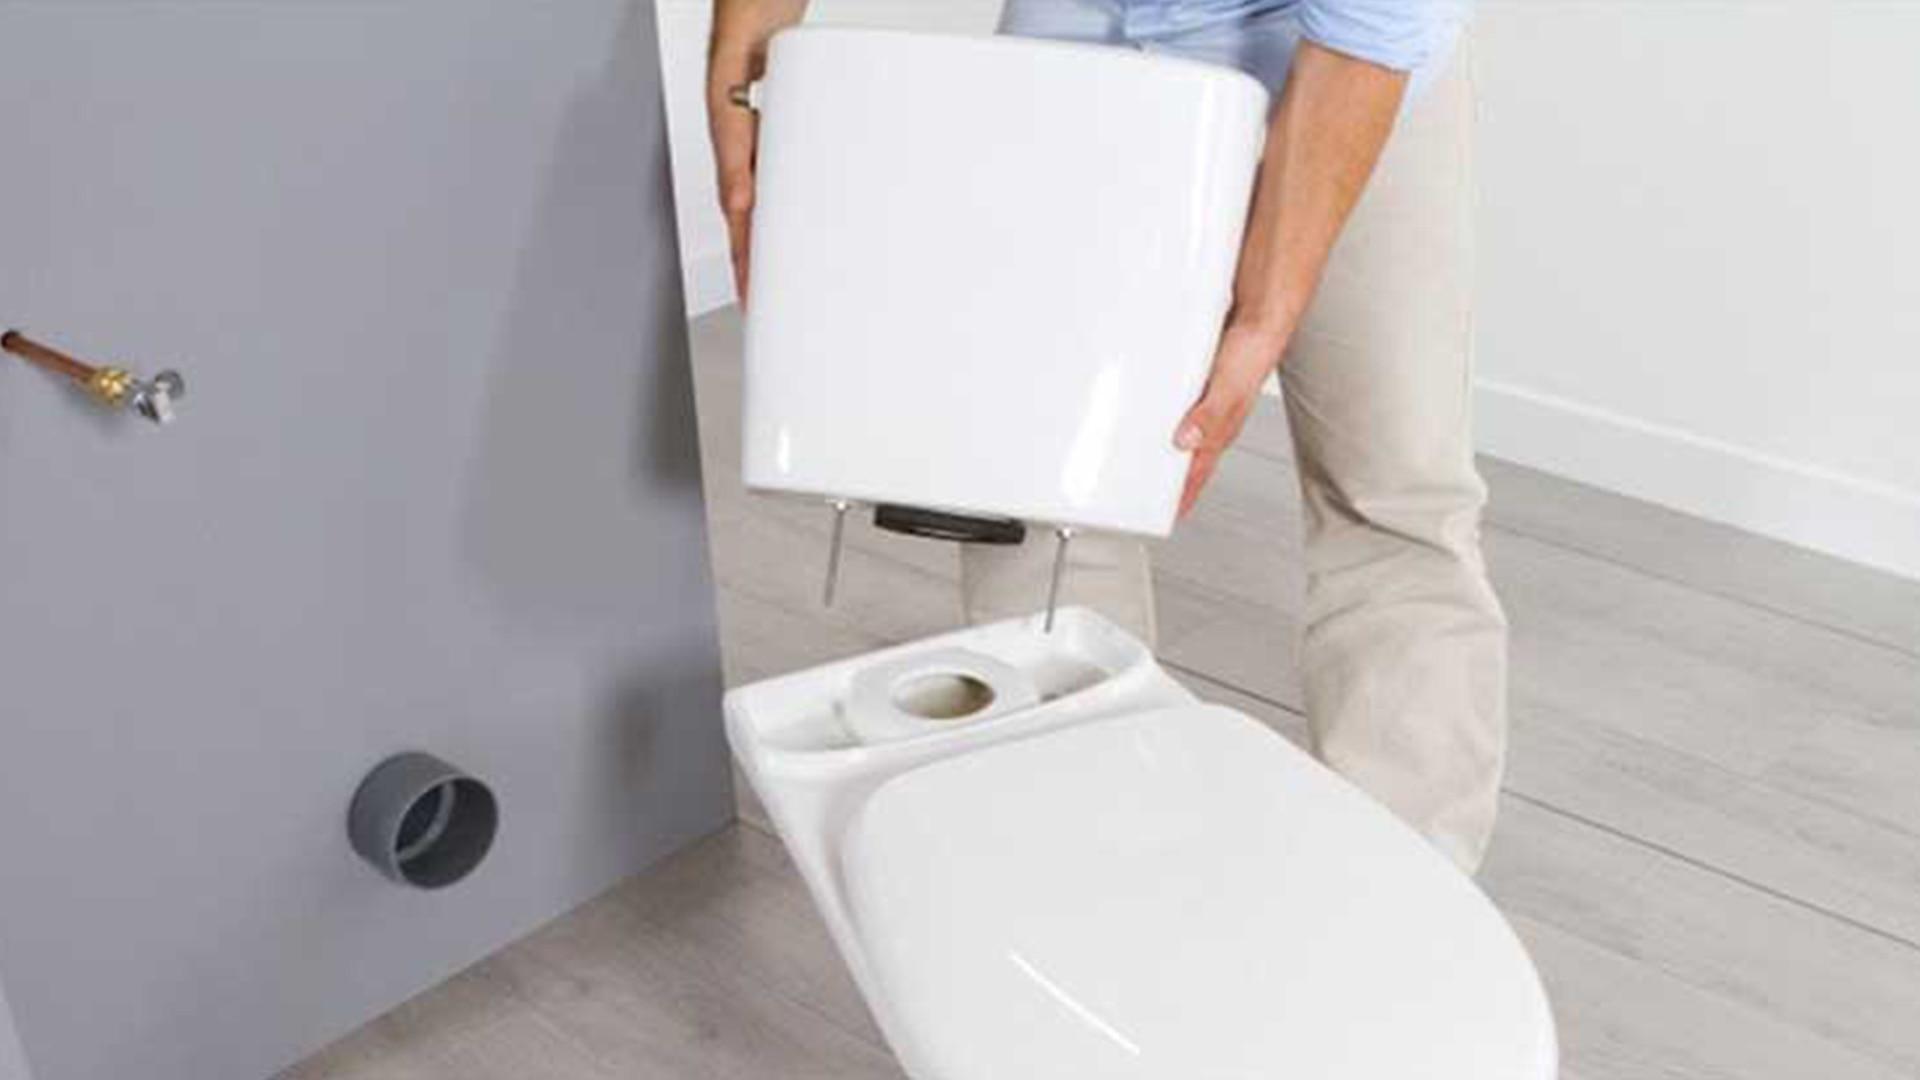 Remplacement d'un réservoir de toilettes